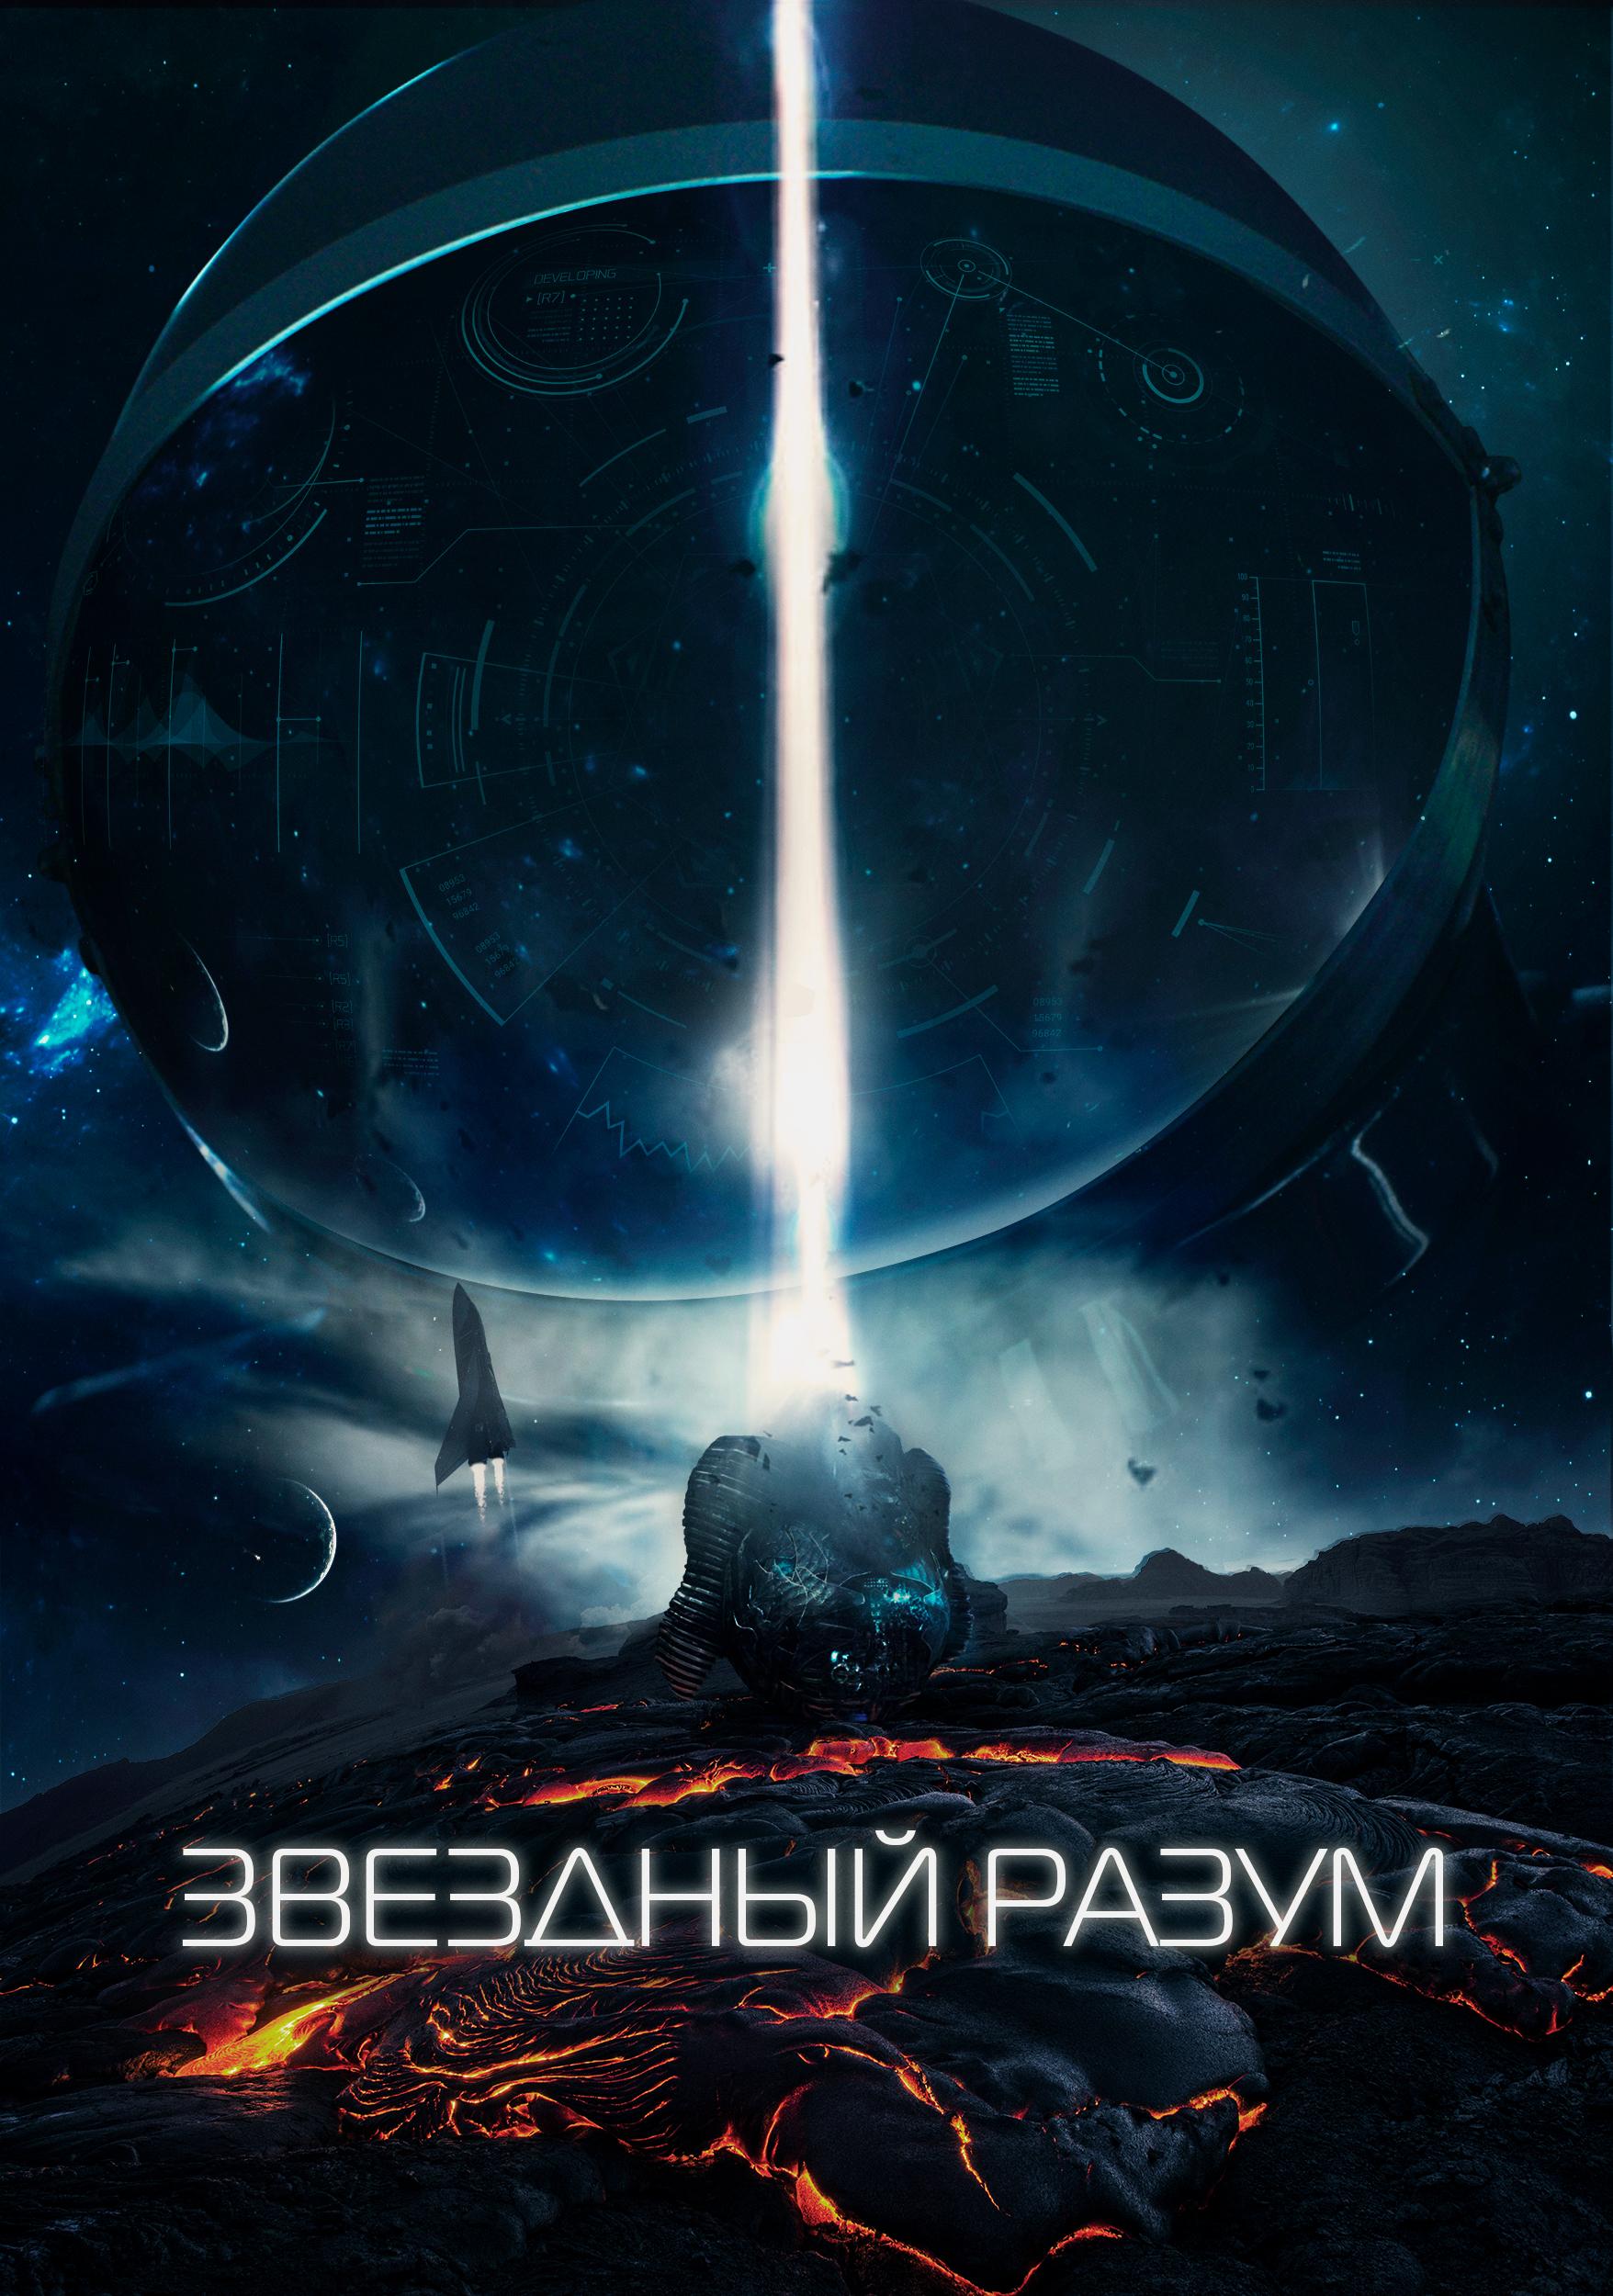 плакат фильма постер Звёздный разум